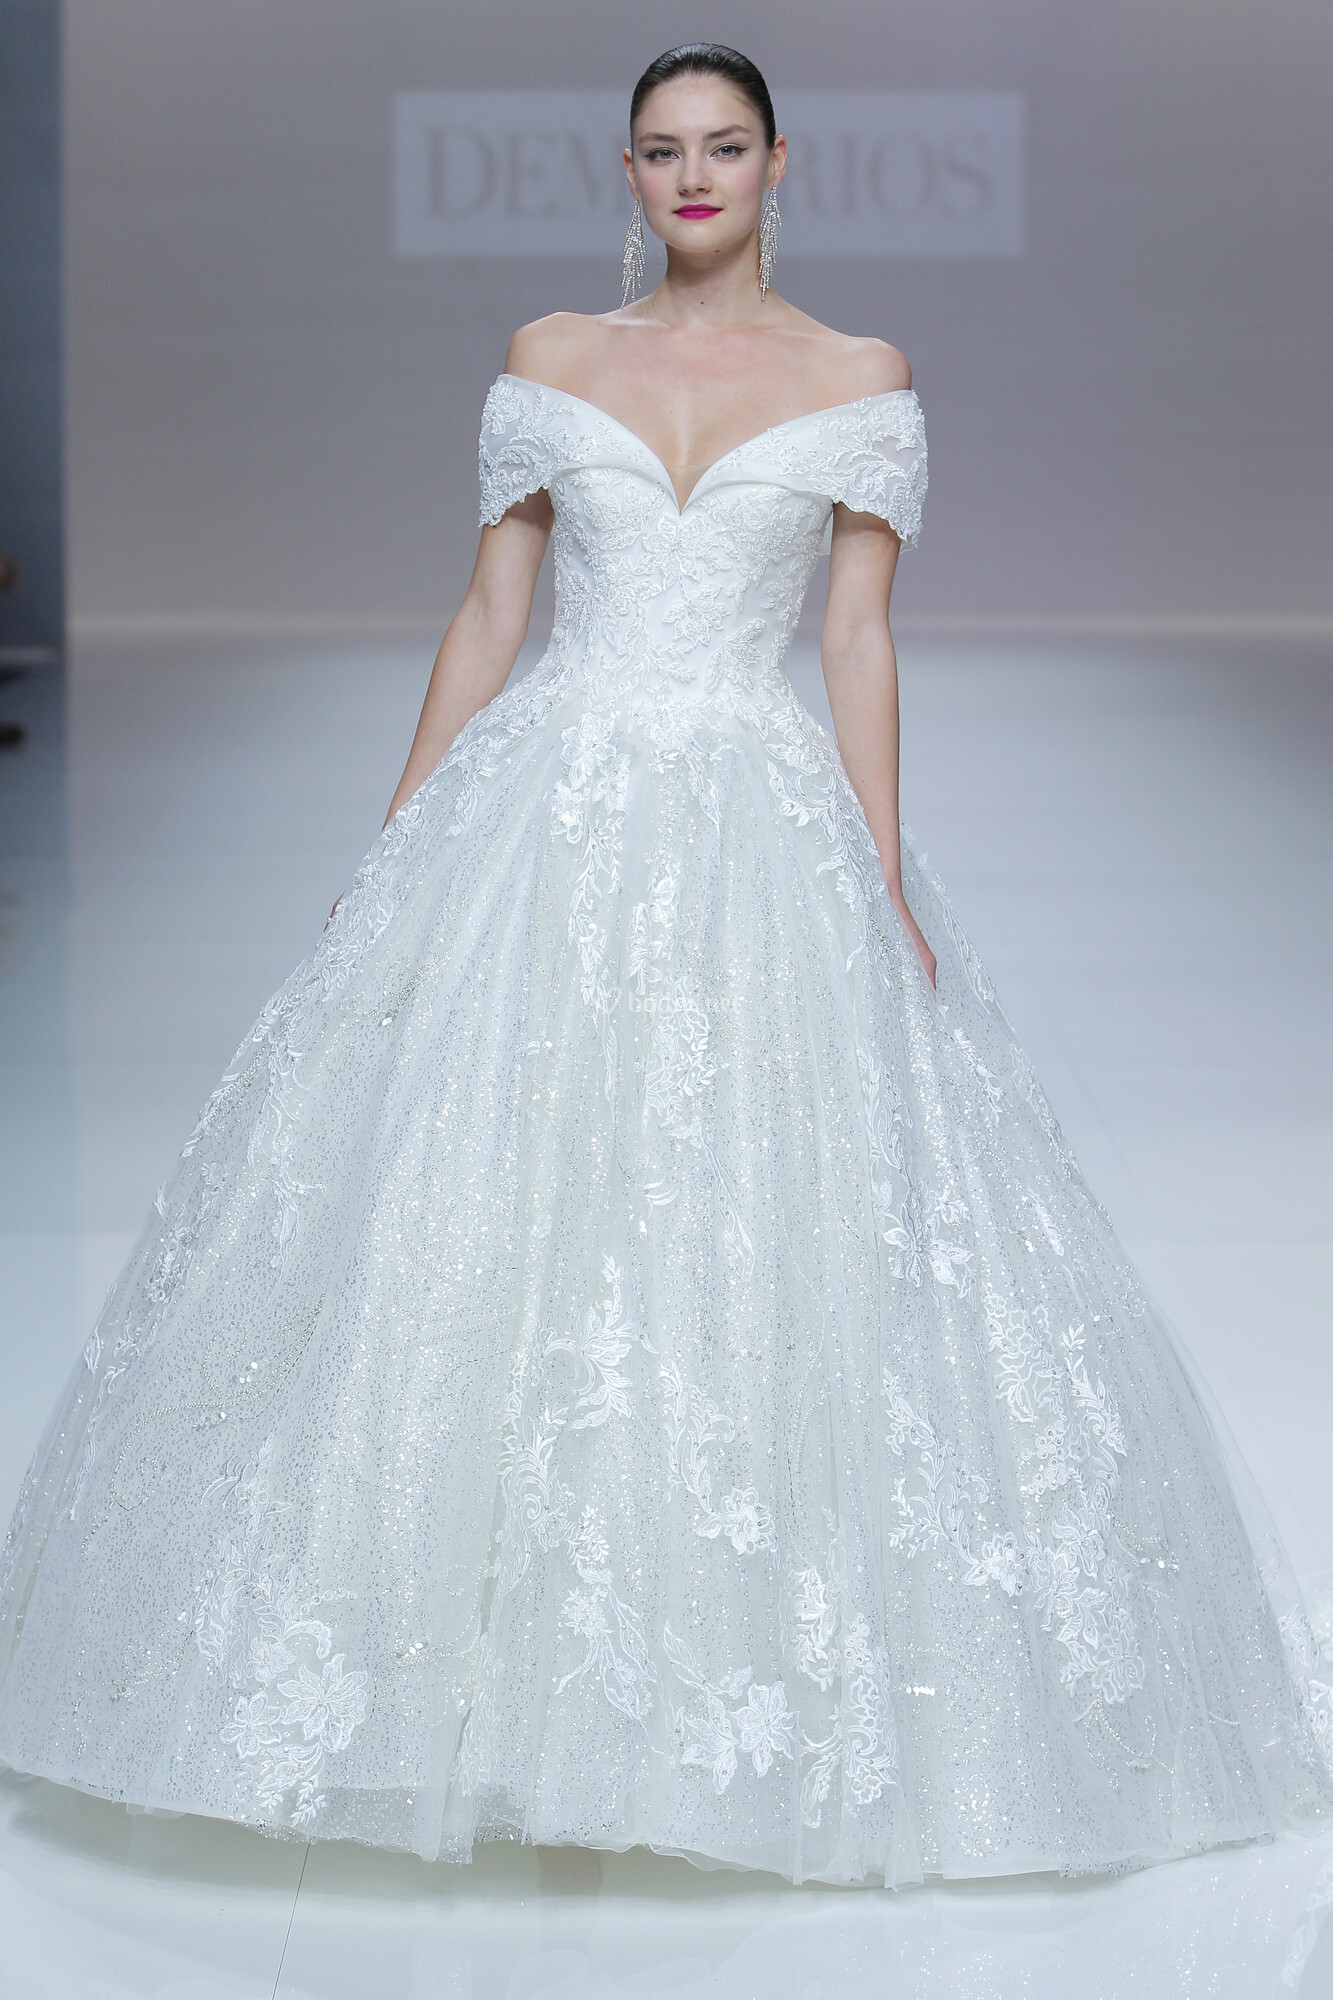 Fein Vestidos De Novia Milanuncios Fotos - Hochzeit Kleid Stile ...